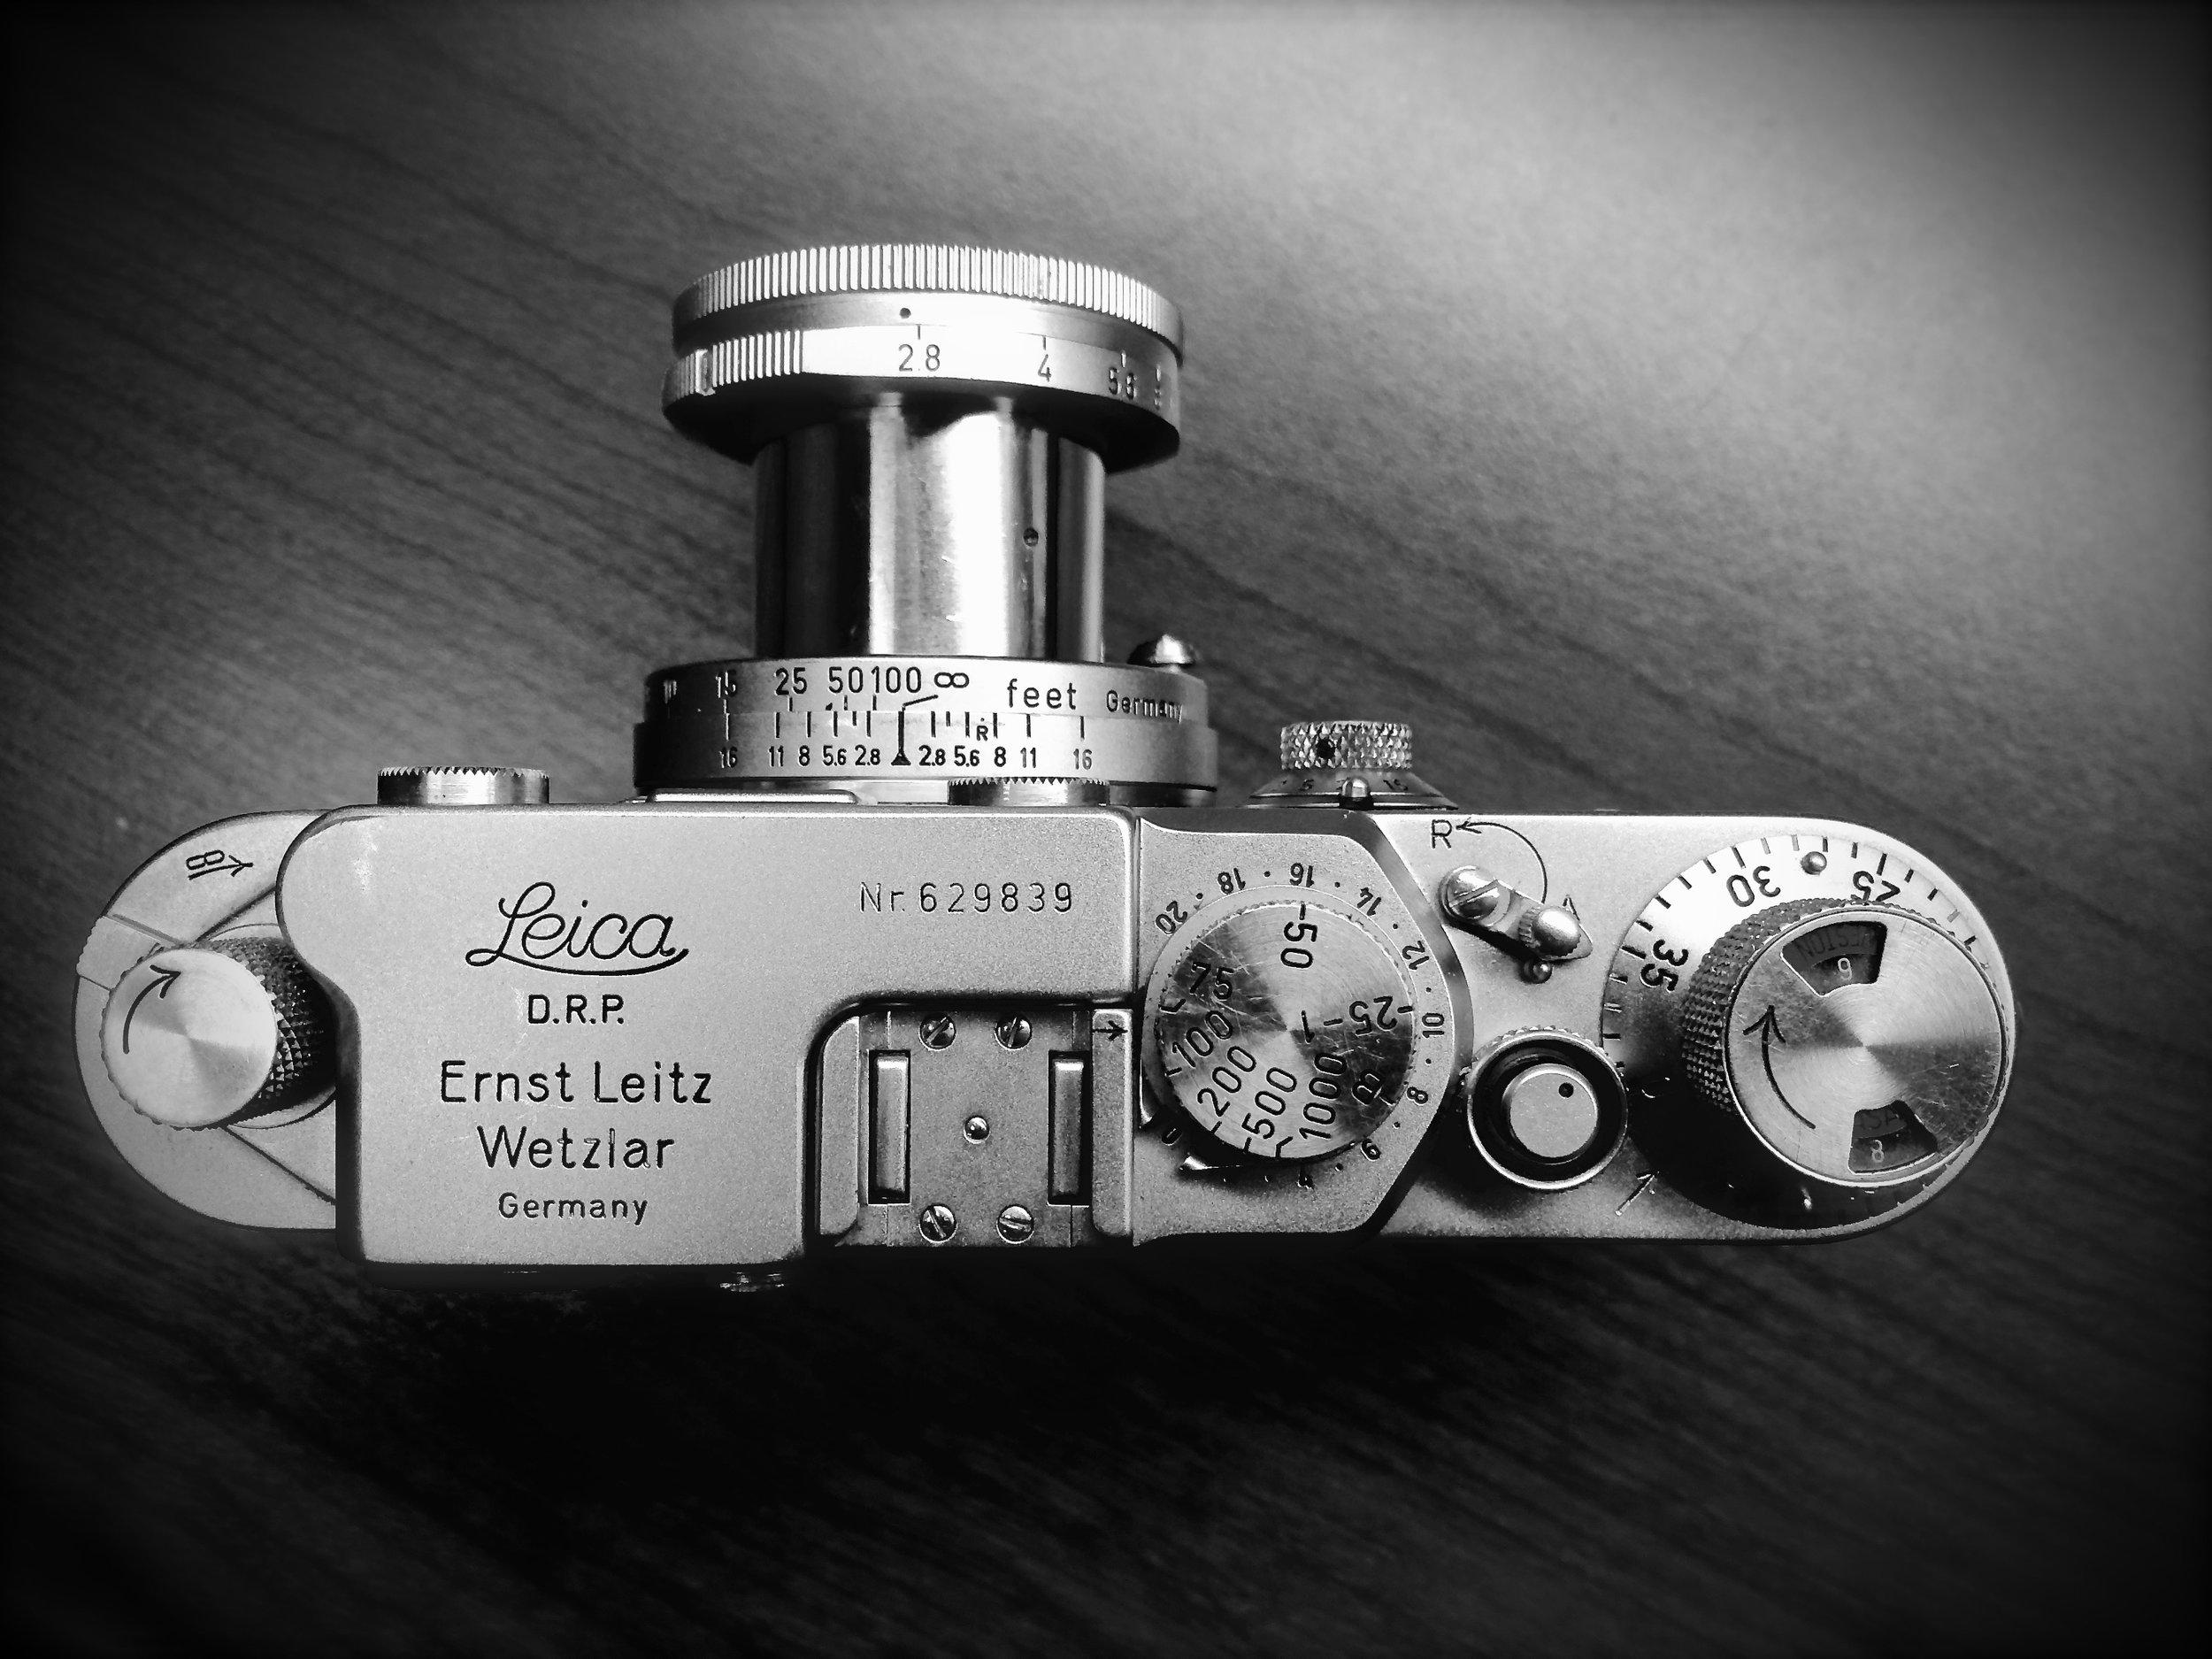 Barnack Leica